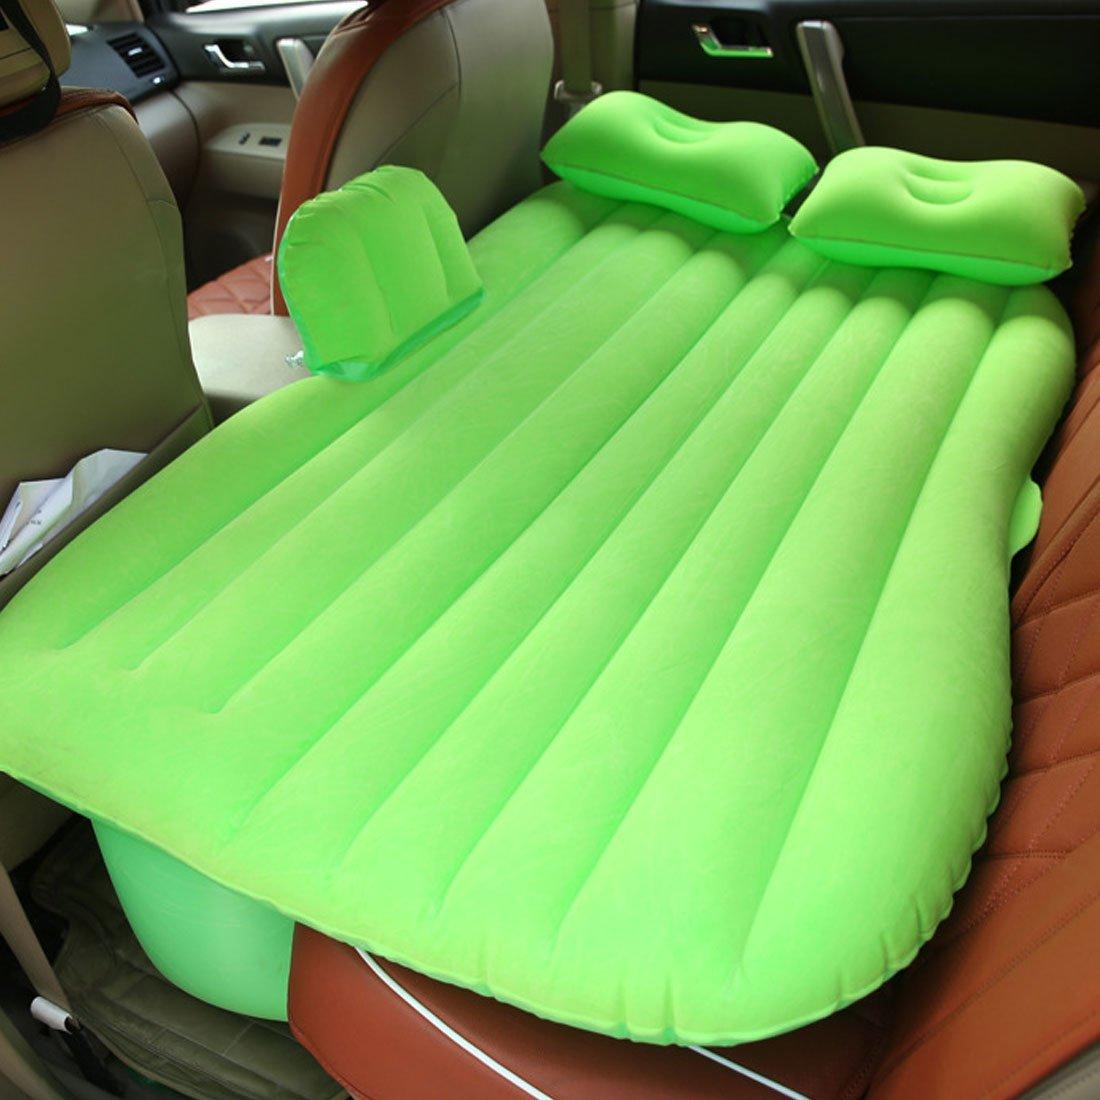 Amazon.com : eDealMax Verde Flocado de aire inflable colchón de la cama de coche cama que se reclina al aire Libre el recorrido que acampa : Sports & ...